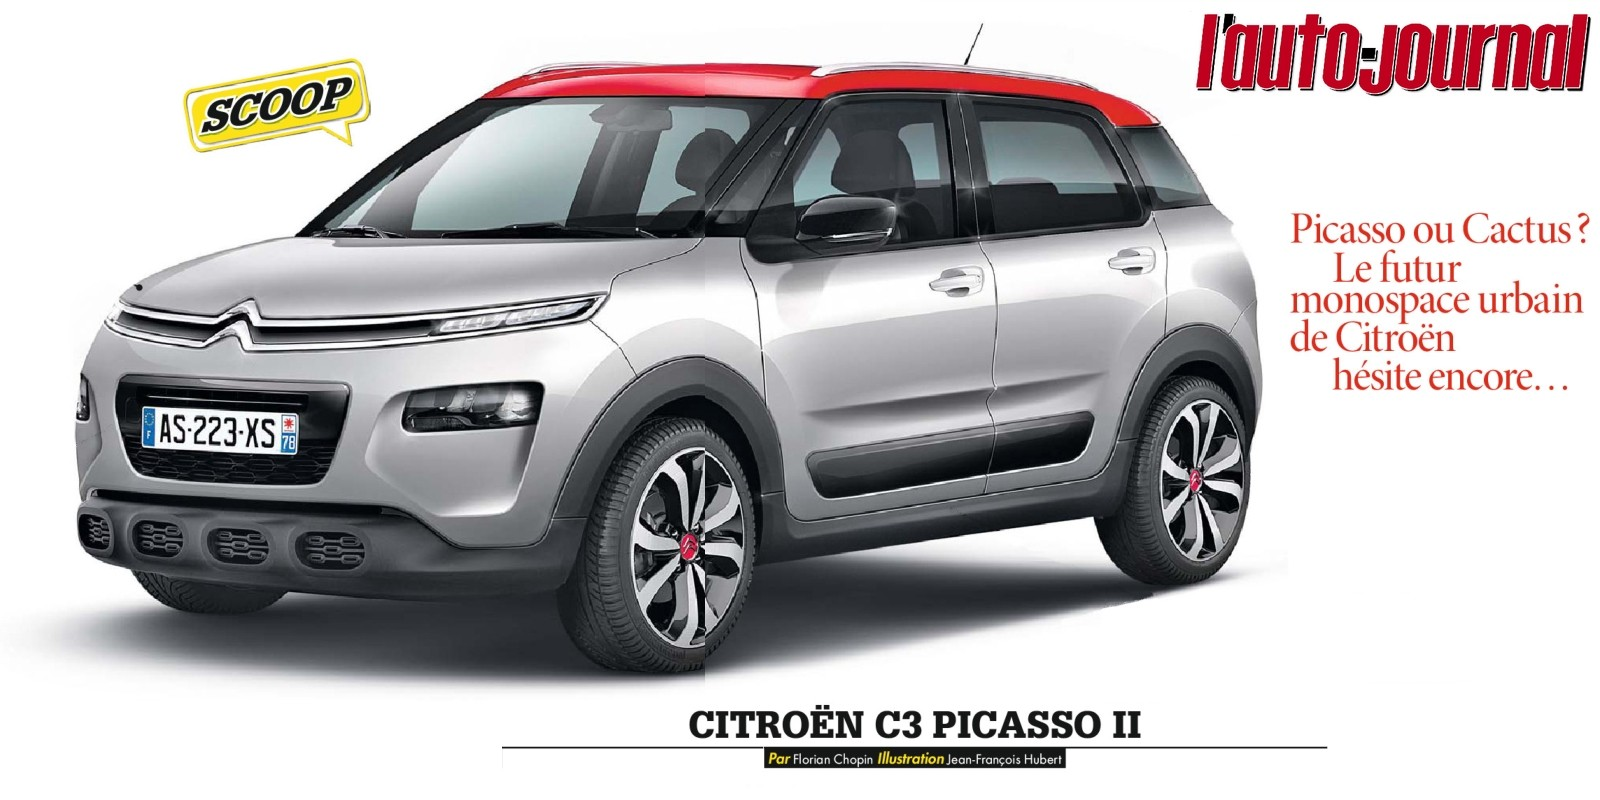 [DISCUSSION] Les futures Citroën - Page 20 C3p11